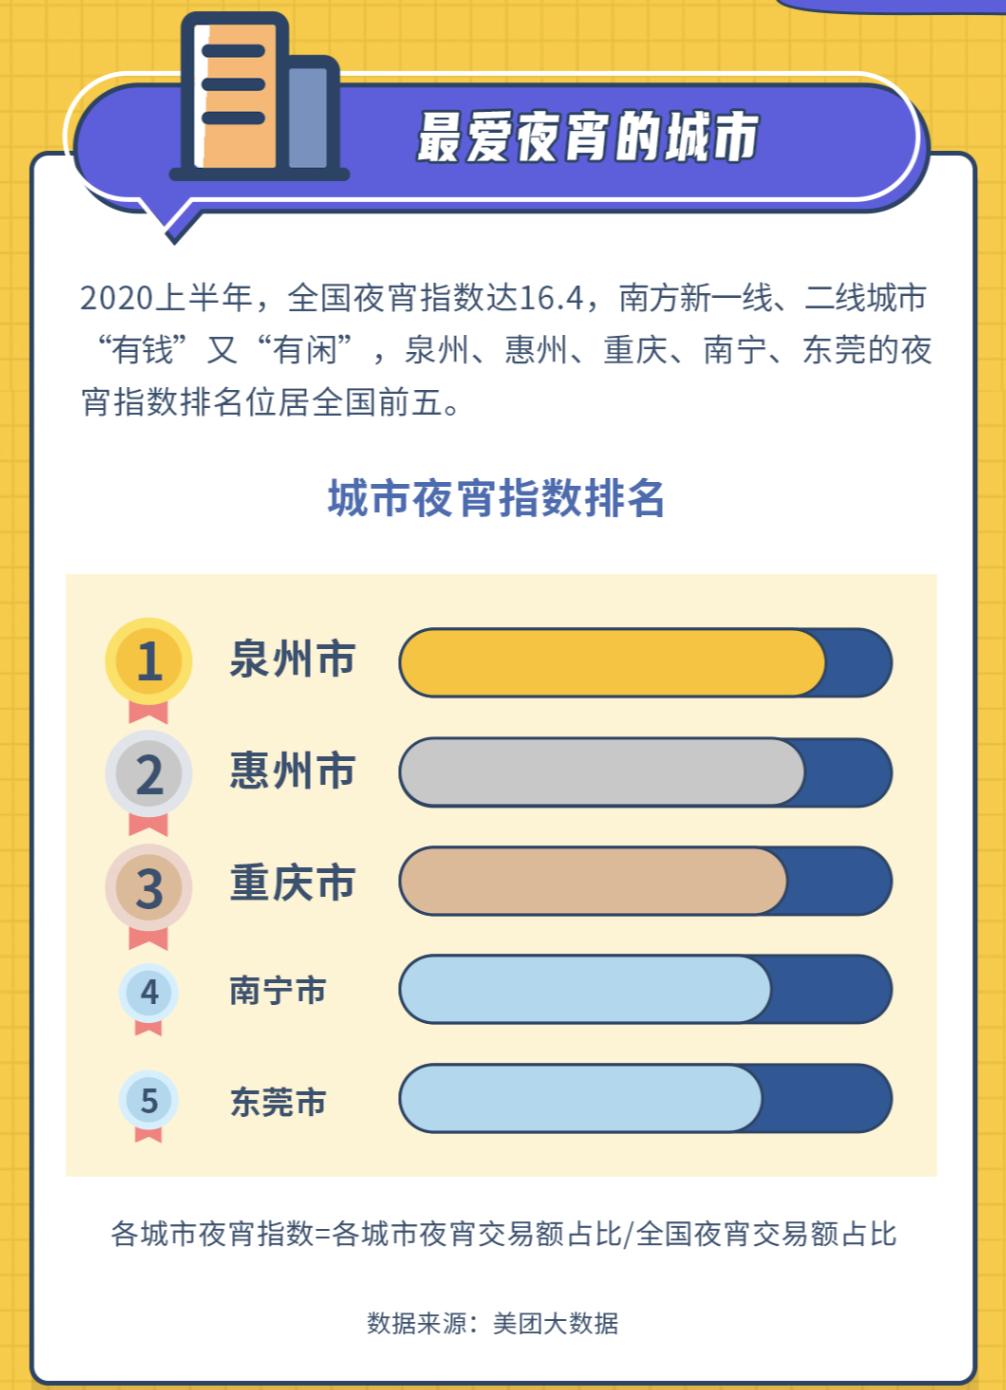 美团夜宵指数:全国夜宵消费已超7000亿元 泉州东莞等夜宵指数位列前五